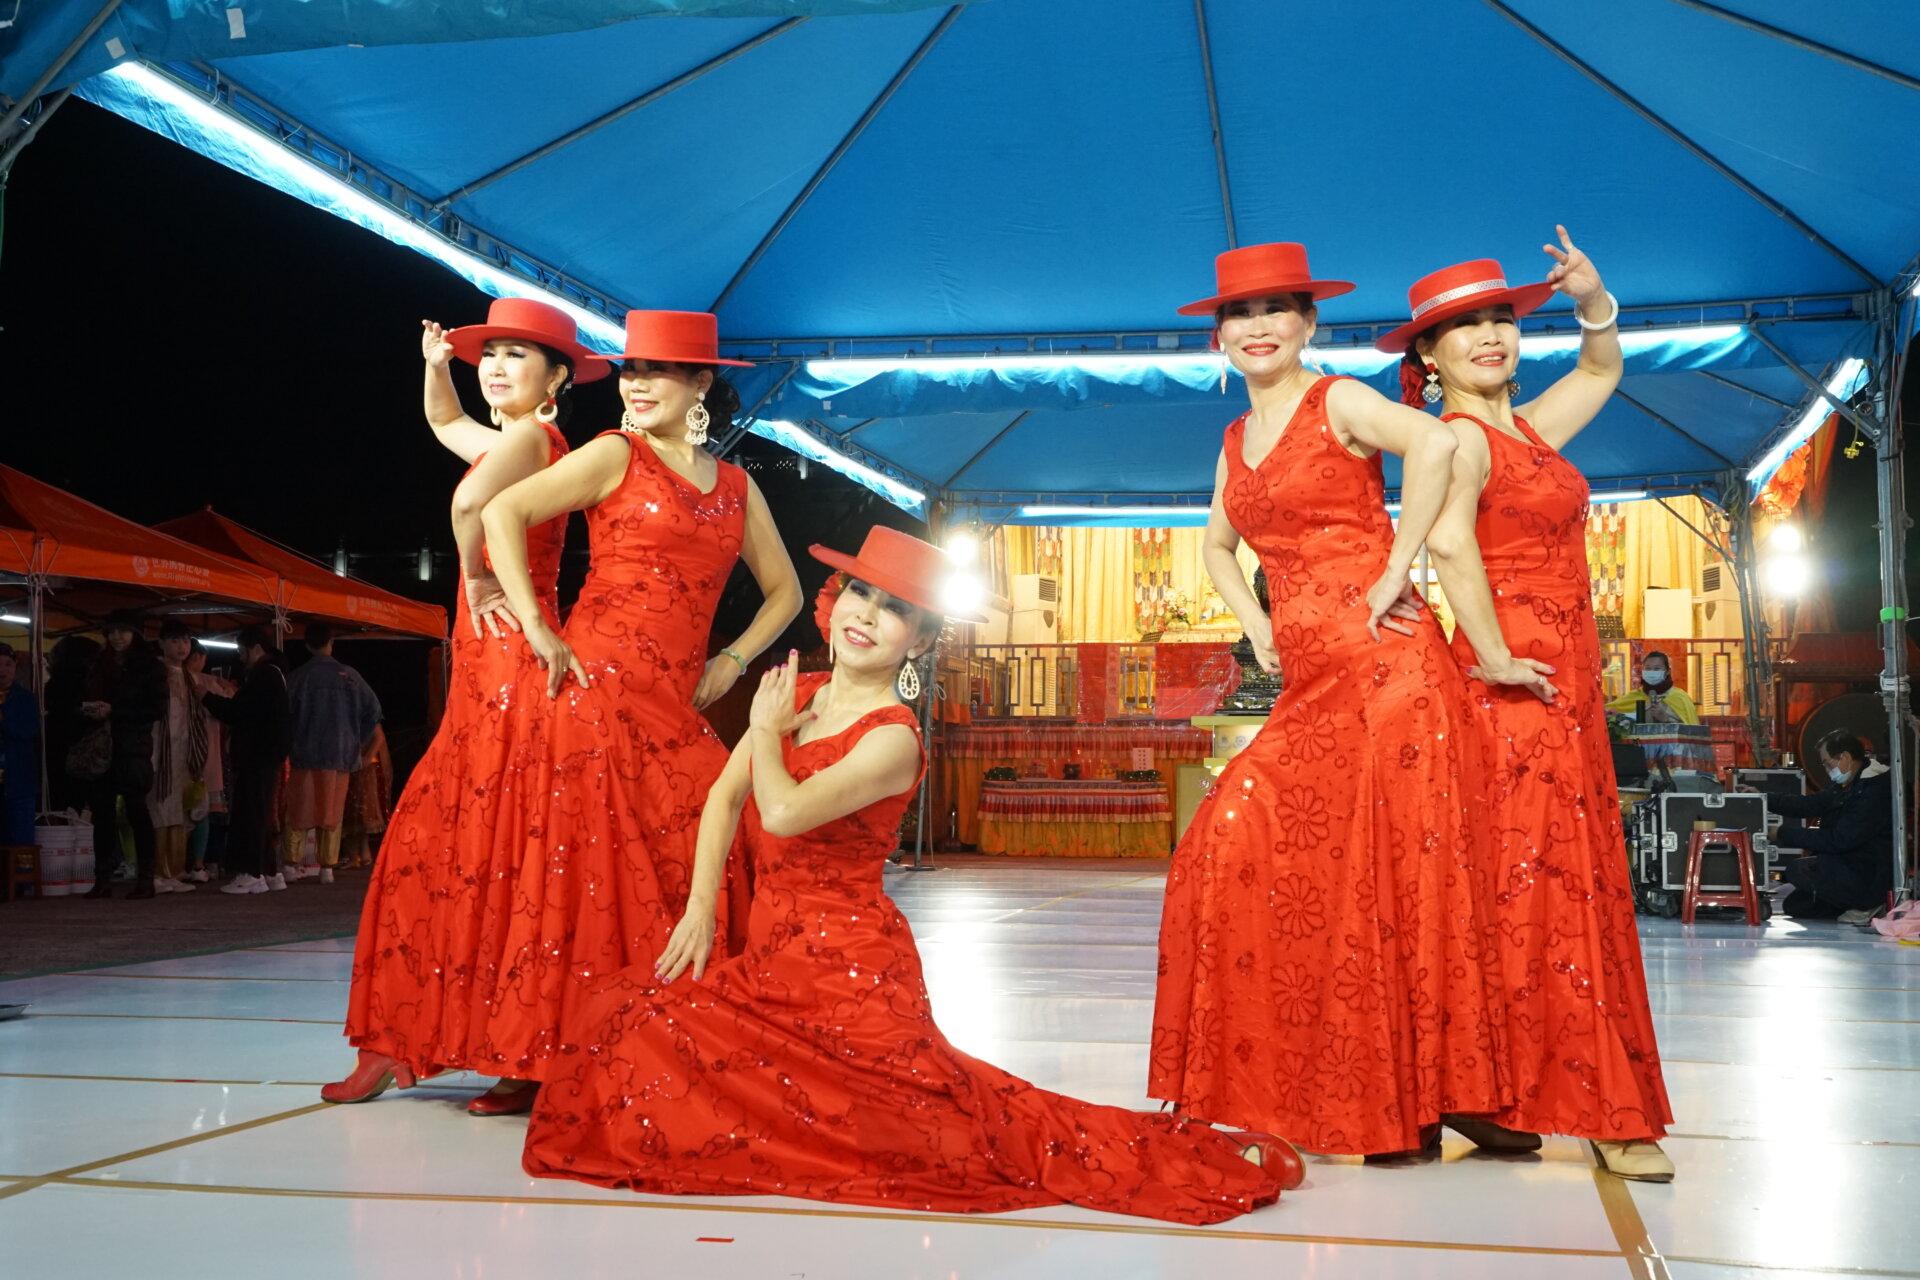 行動佛殿 樂藝供佛 來自台中貝拉佛拉明哥舞團公益演出